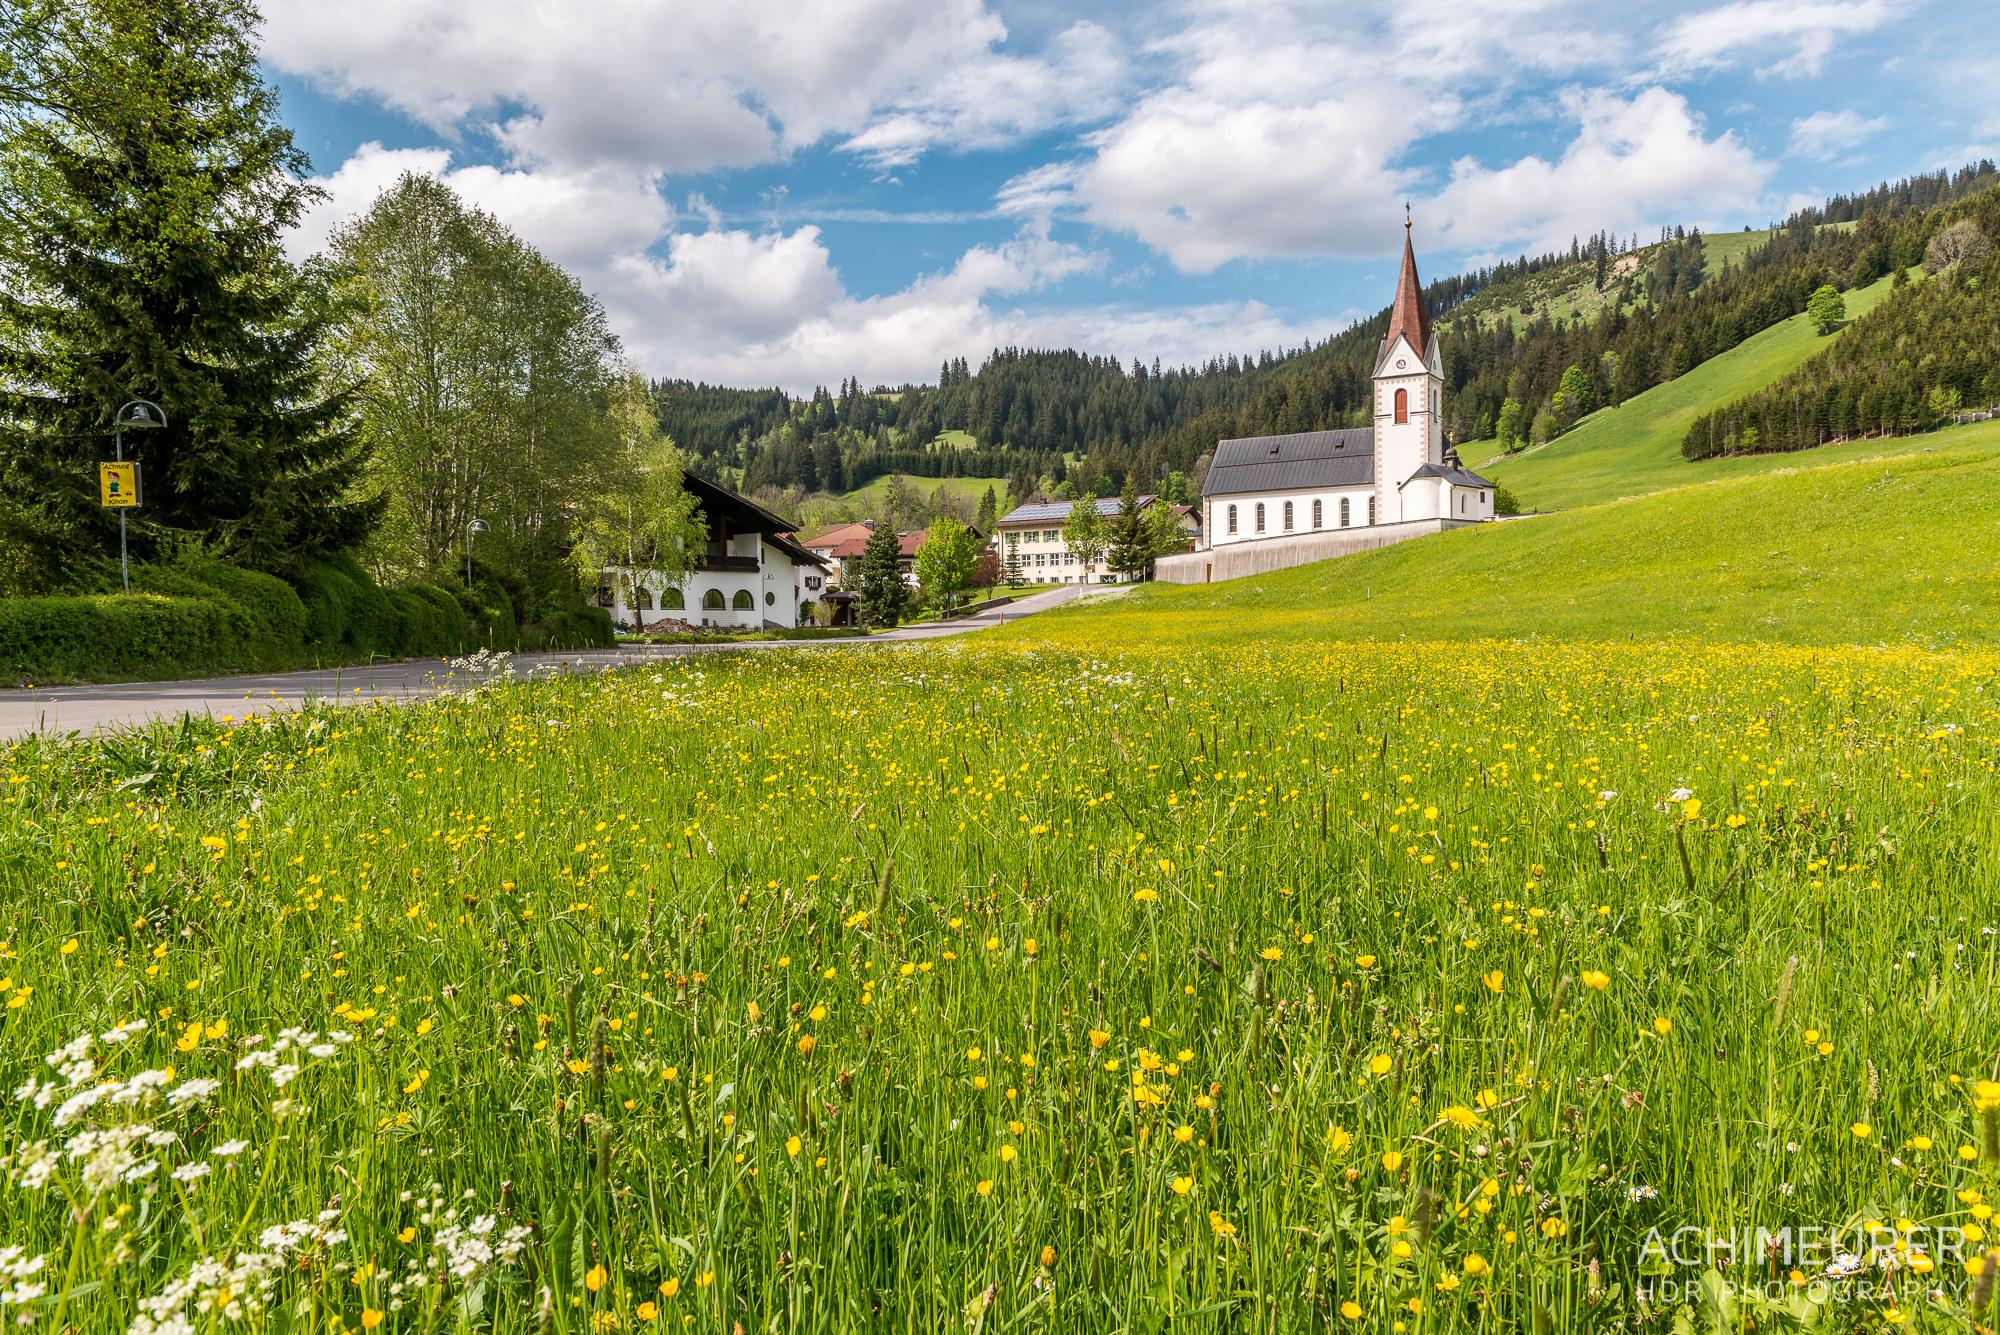 Tannheimer-Tal-Fruehling-Landschaft-Wiese-Blumen_2158